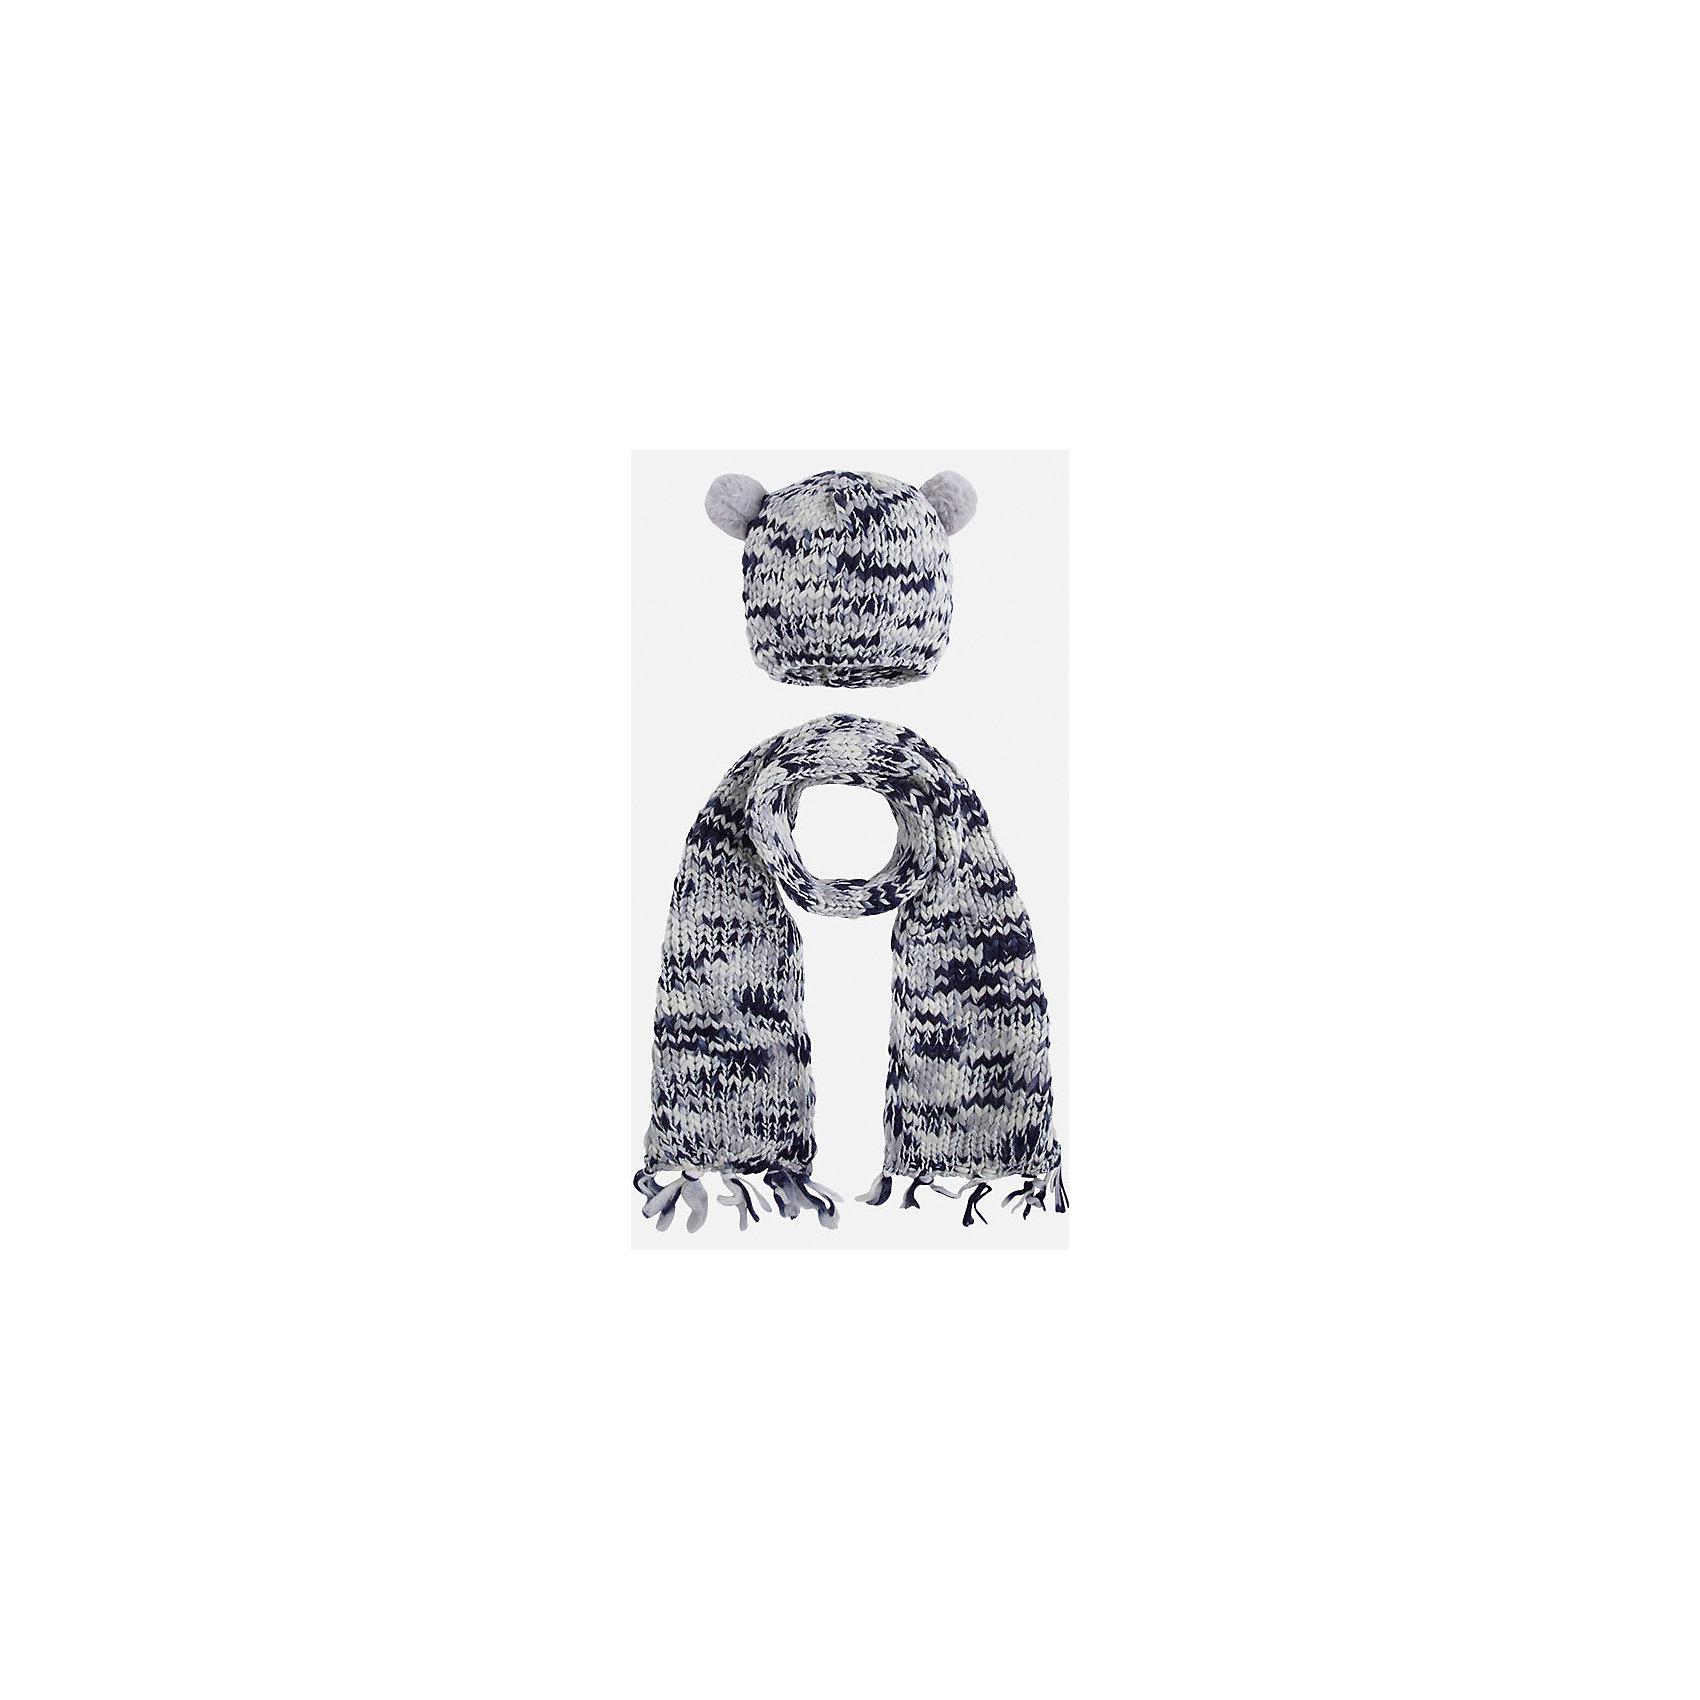 Комплект:шапка и шарф для девочки MayoralДемисезонные<br>Комплект: шапка и шарф для девочки Mayoral от известного испанского бренда Mayoral. Вязаный комплект выполнен из акриловой пряжи с добавлением люрексовой нити серебристого цвета. Комплект состоит из шапки и шарфа, связанных крупной вязкой. Шапка имеет классическую форму, сверху по бокам имеются небольшие помпоны из серой пряжи, по краям шарфа – кисти, выполненные из пряжи. <br><br>Дополнительная информация:<br><br>- Предназначение: повседневная одежда<br>- Комплектация: шапка, шарф<br>- Цвет: серый, белый, темно-синий<br>- Пол: для девочки<br>- Состав: 90% акрил, 10% металлизированная нить<br>- Сезон: осень-зима-весна<br>- Особенности ухода: стирка при температуре 30 градусов, разрешается химическая чистка, глажение <br><br>Подробнее:<br><br>• Для детей в возрасте: от 2 лет и до 9 лет<br>• Страна производитель: Китай<br>• Торговый бренд: Mayoral<br><br>Комплект: шапка и шарф для девочки Mayoral (Майорал) можно купить в нашем интернет-магазине.<br><br>Ширина мм: 89<br>Глубина мм: 117<br>Высота мм: 44<br>Вес г: 155<br>Цвет: синий<br>Возраст от месяцев: 48<br>Возраст до месяцев: 72<br>Пол: Женский<br>Возраст: Детский<br>Размер: 52-54,48-50,54-56<br>SKU: 4847790